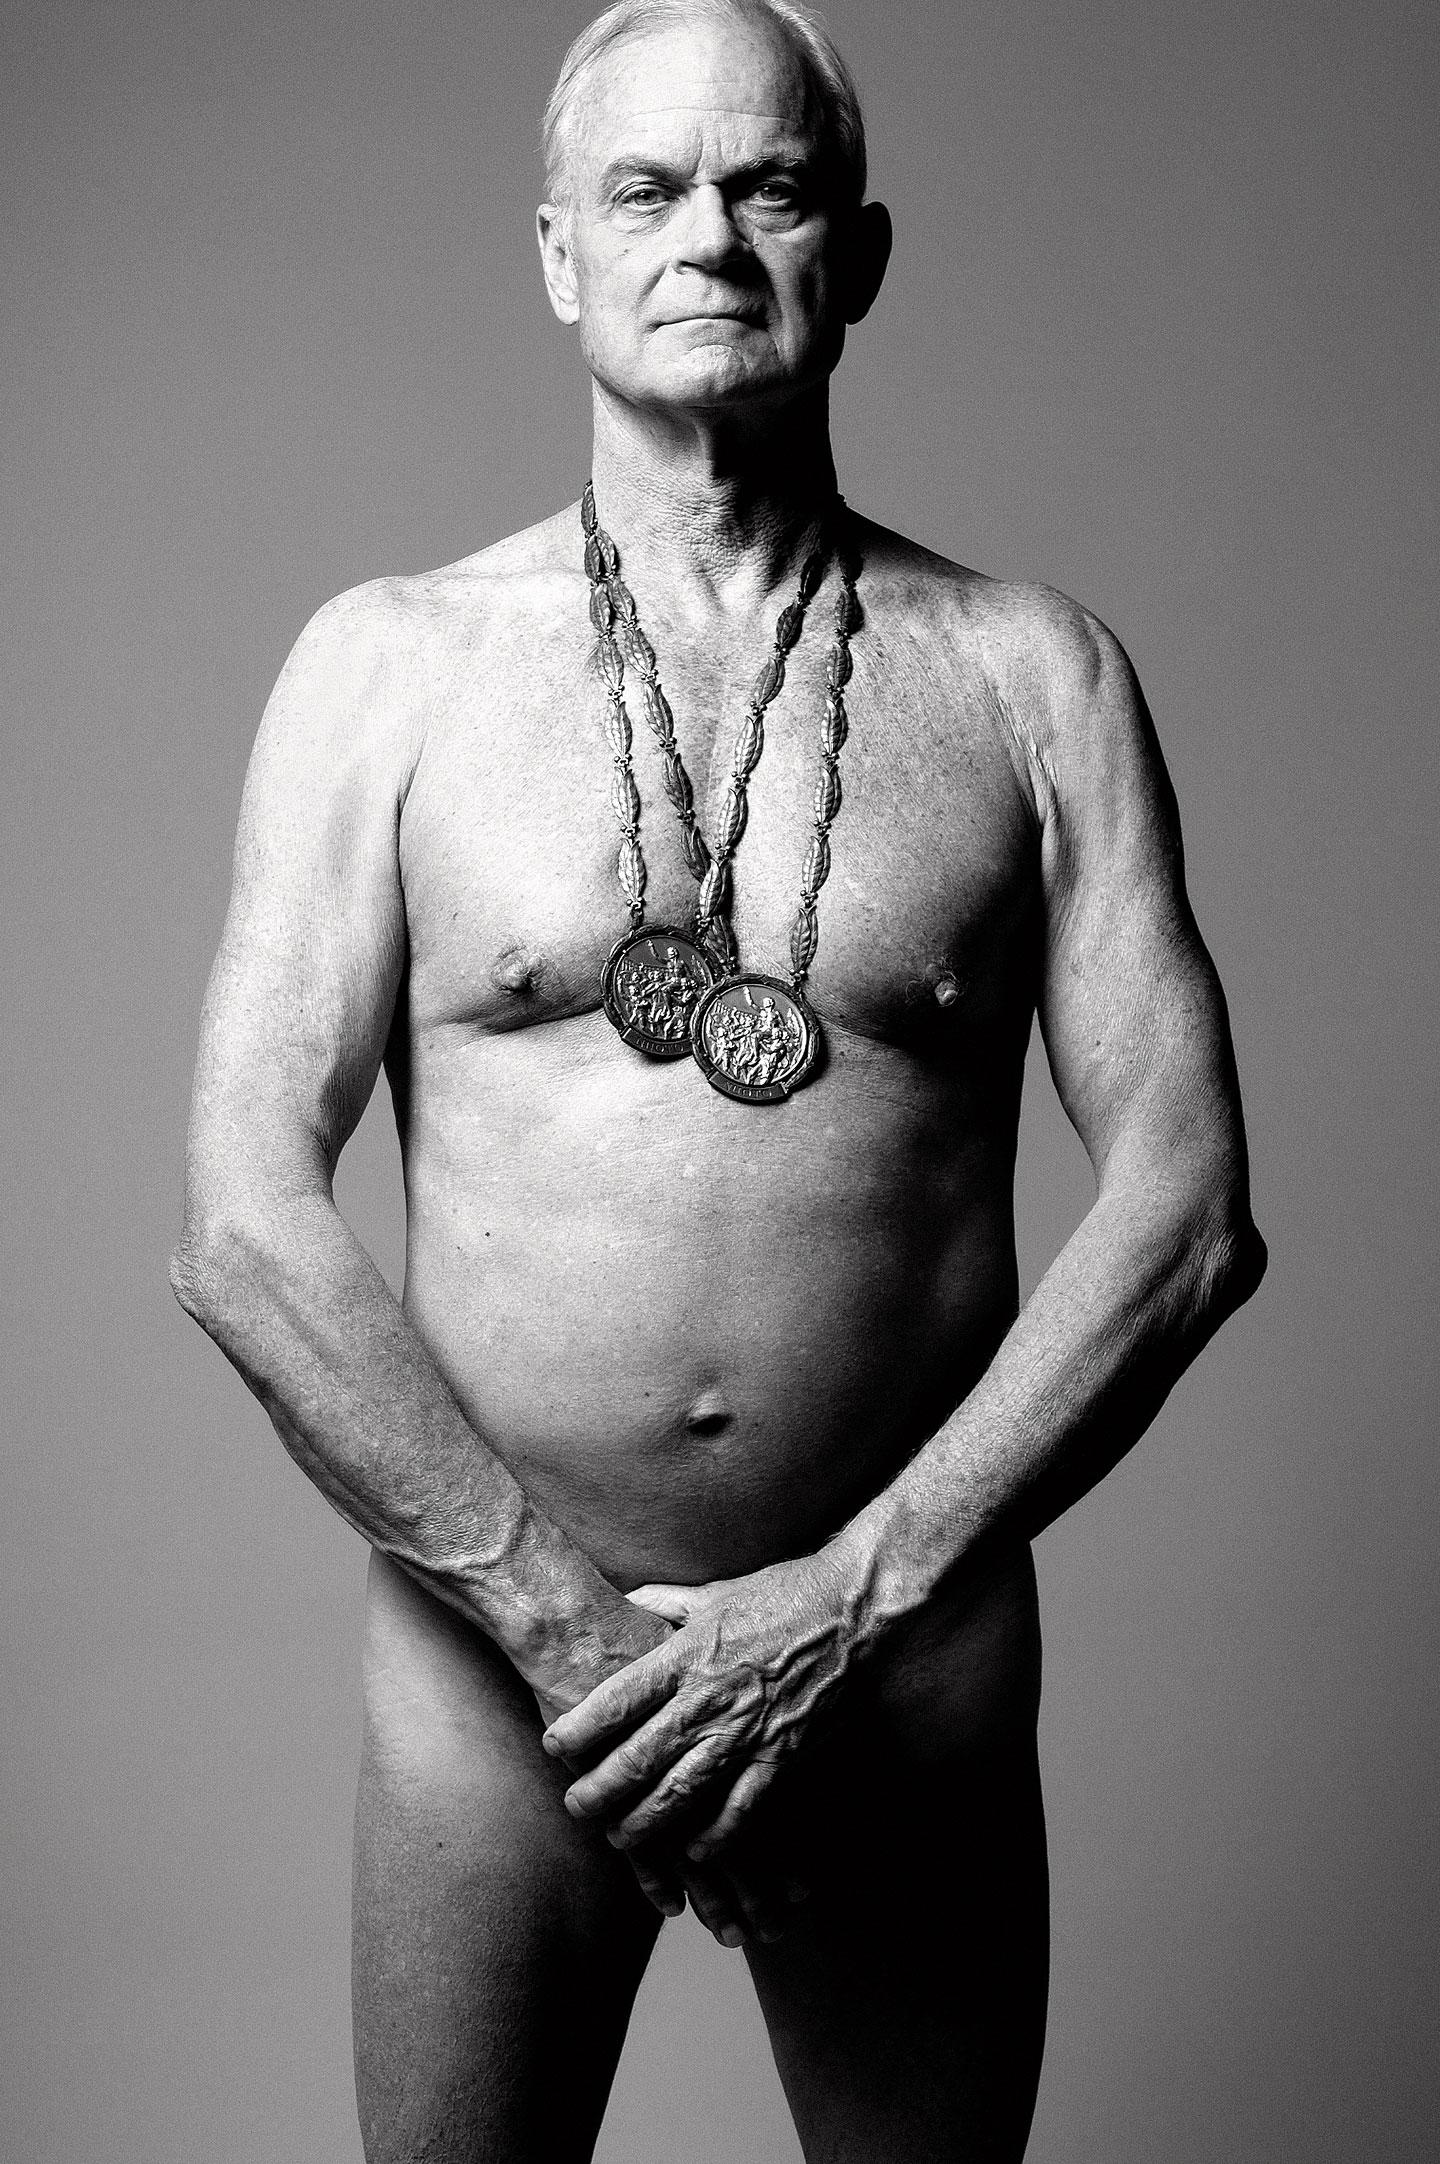 Jeff Farrell, ESPN Body Issue 2010, Peter Hapak, Jeff Farrell naked, ESPN Body Issue 2010